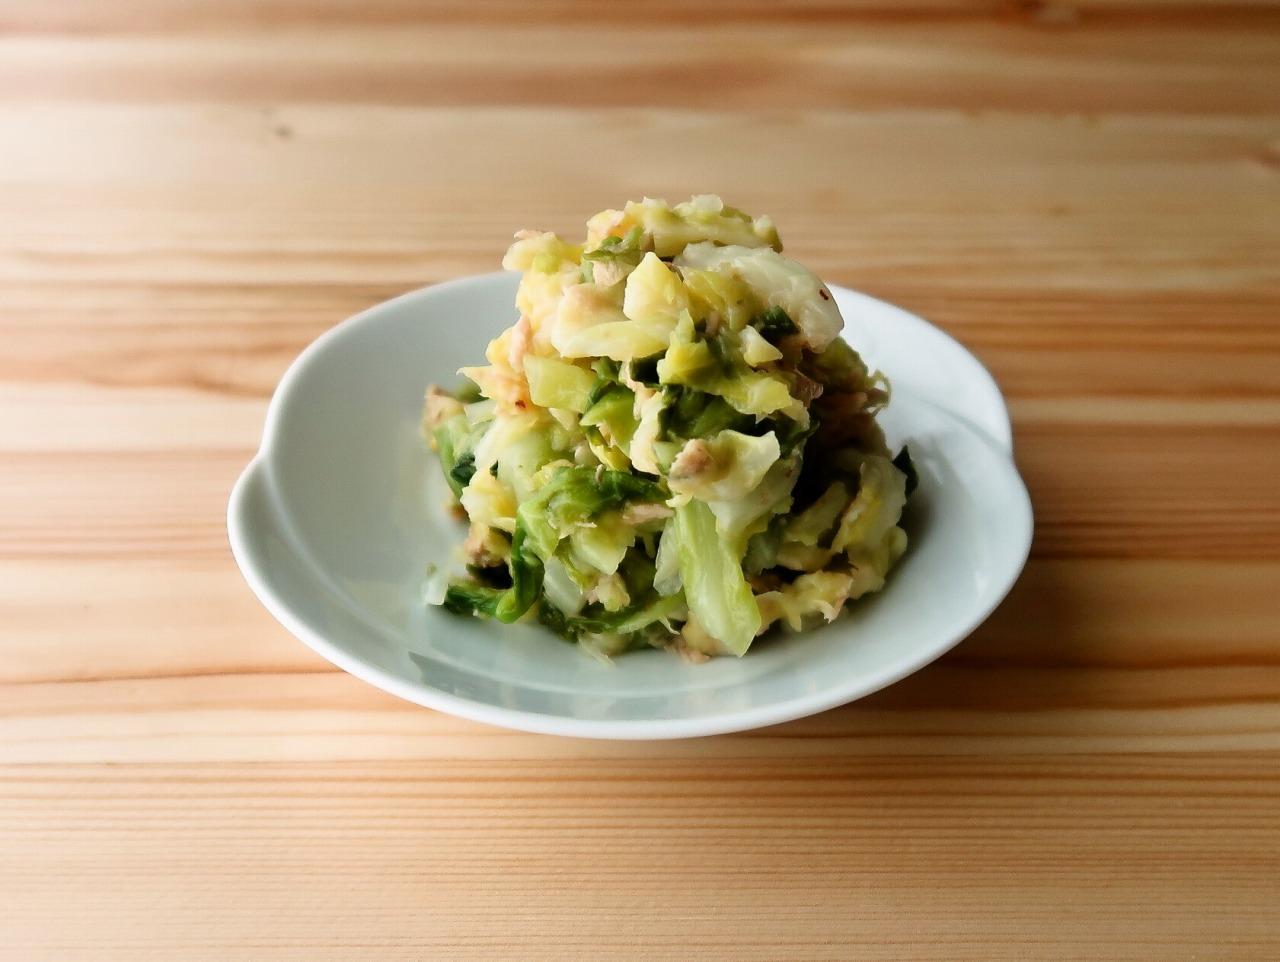 【野菜ひとつ】あっさりすっきり キャベツとツナの梅しょうが和え